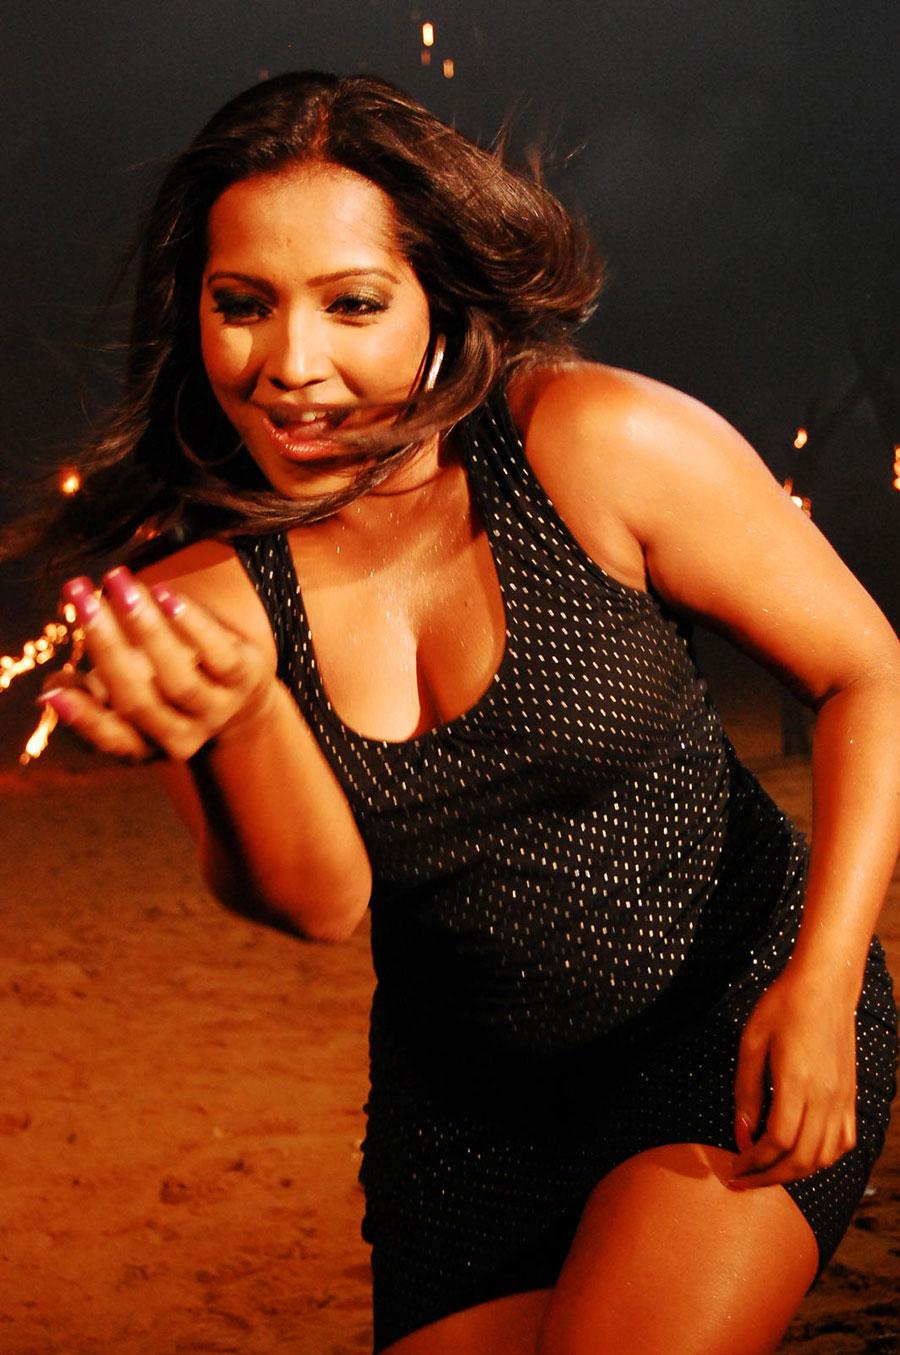 lovely hot sexy Meghana naidu naughty pose new hot pics from baja bajantrillu